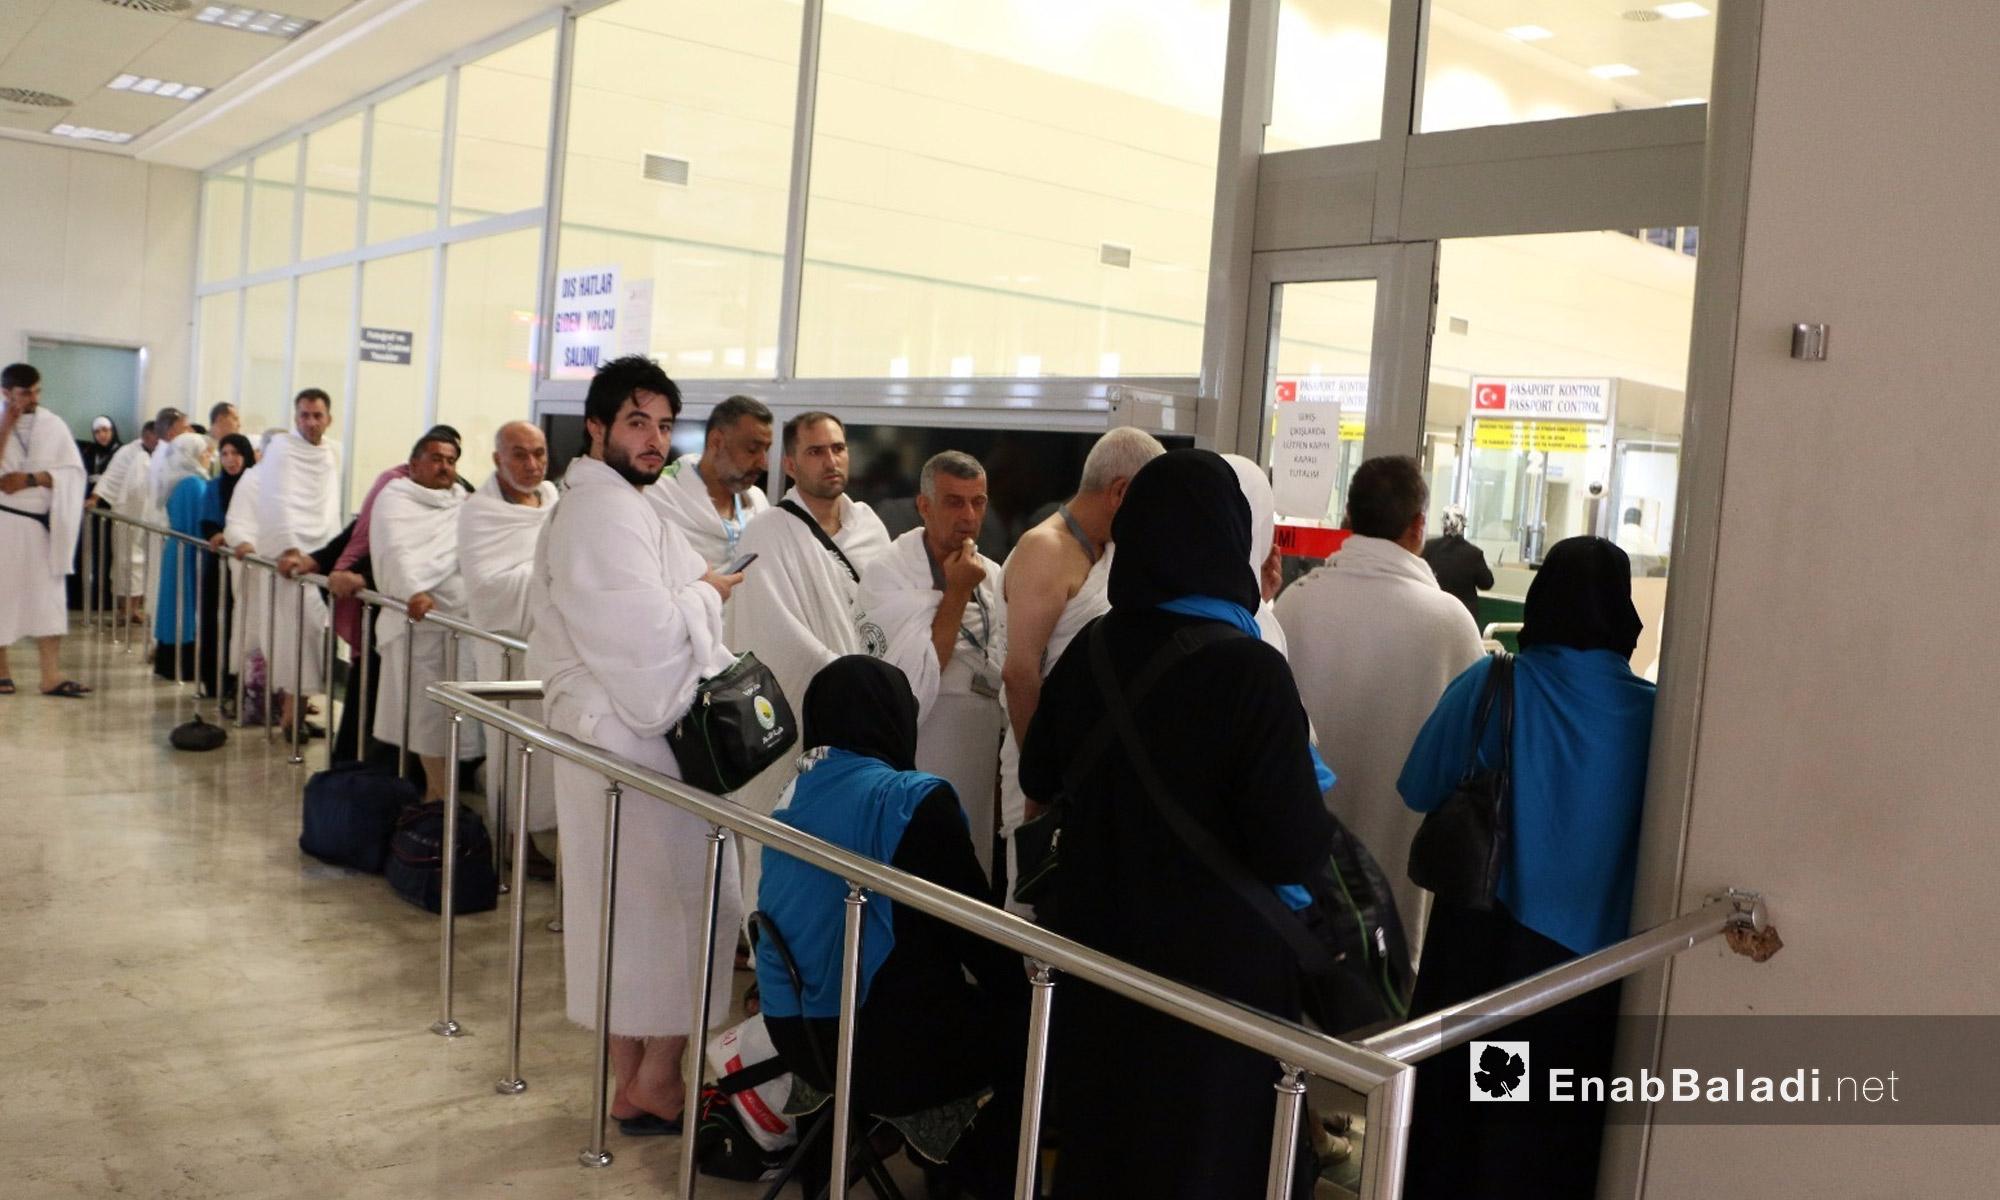 حجاج سوريون في مطار غازي عنتاب التركية - 12 آب 2017 (عنب بلدي)